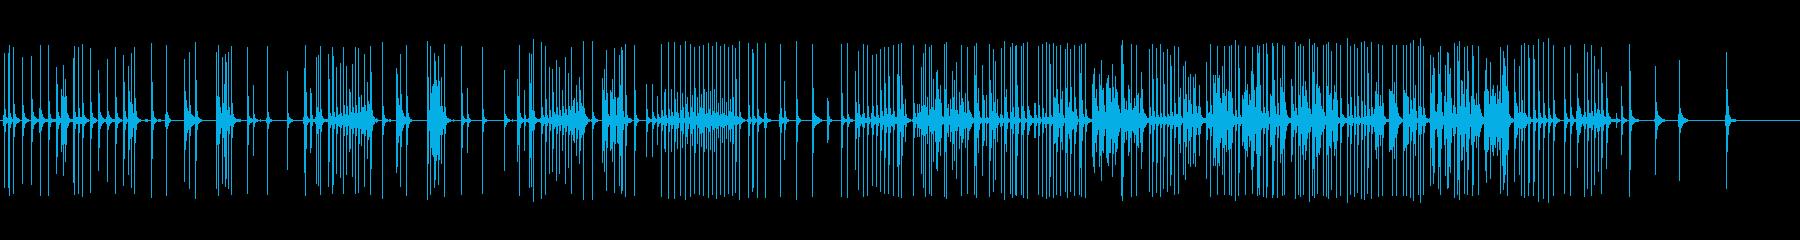 三味線126小鍛冶6合~火加減稲荷山小狐の再生済みの波形